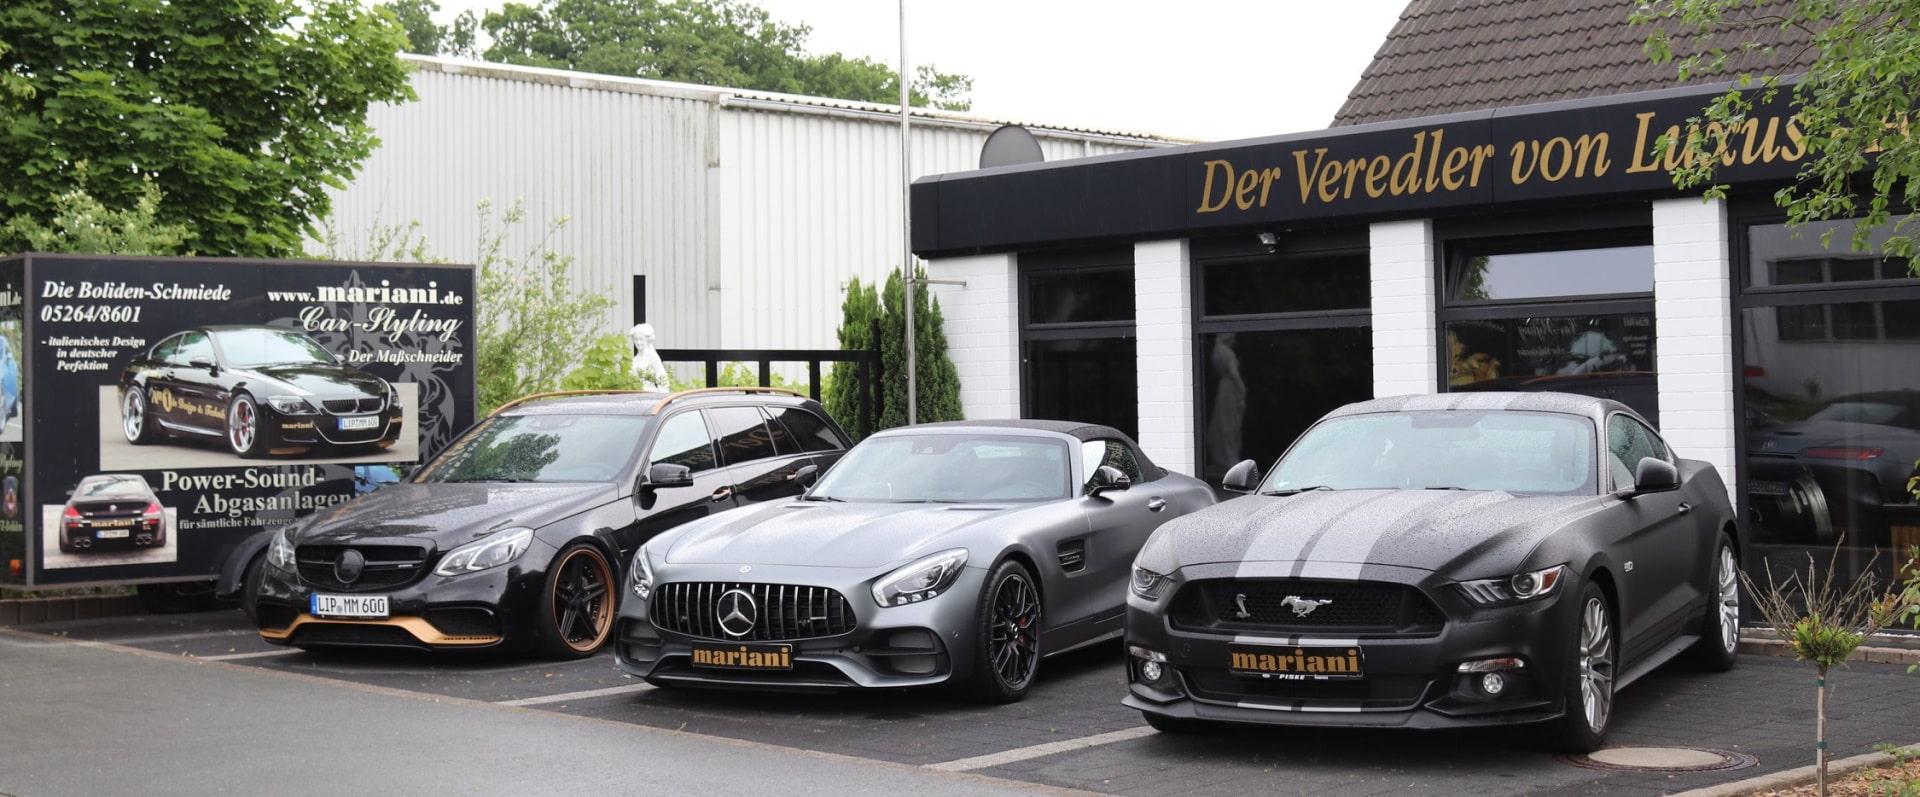 Mercedes AMG + Ford Auspuff vor der mariani Werkstatt